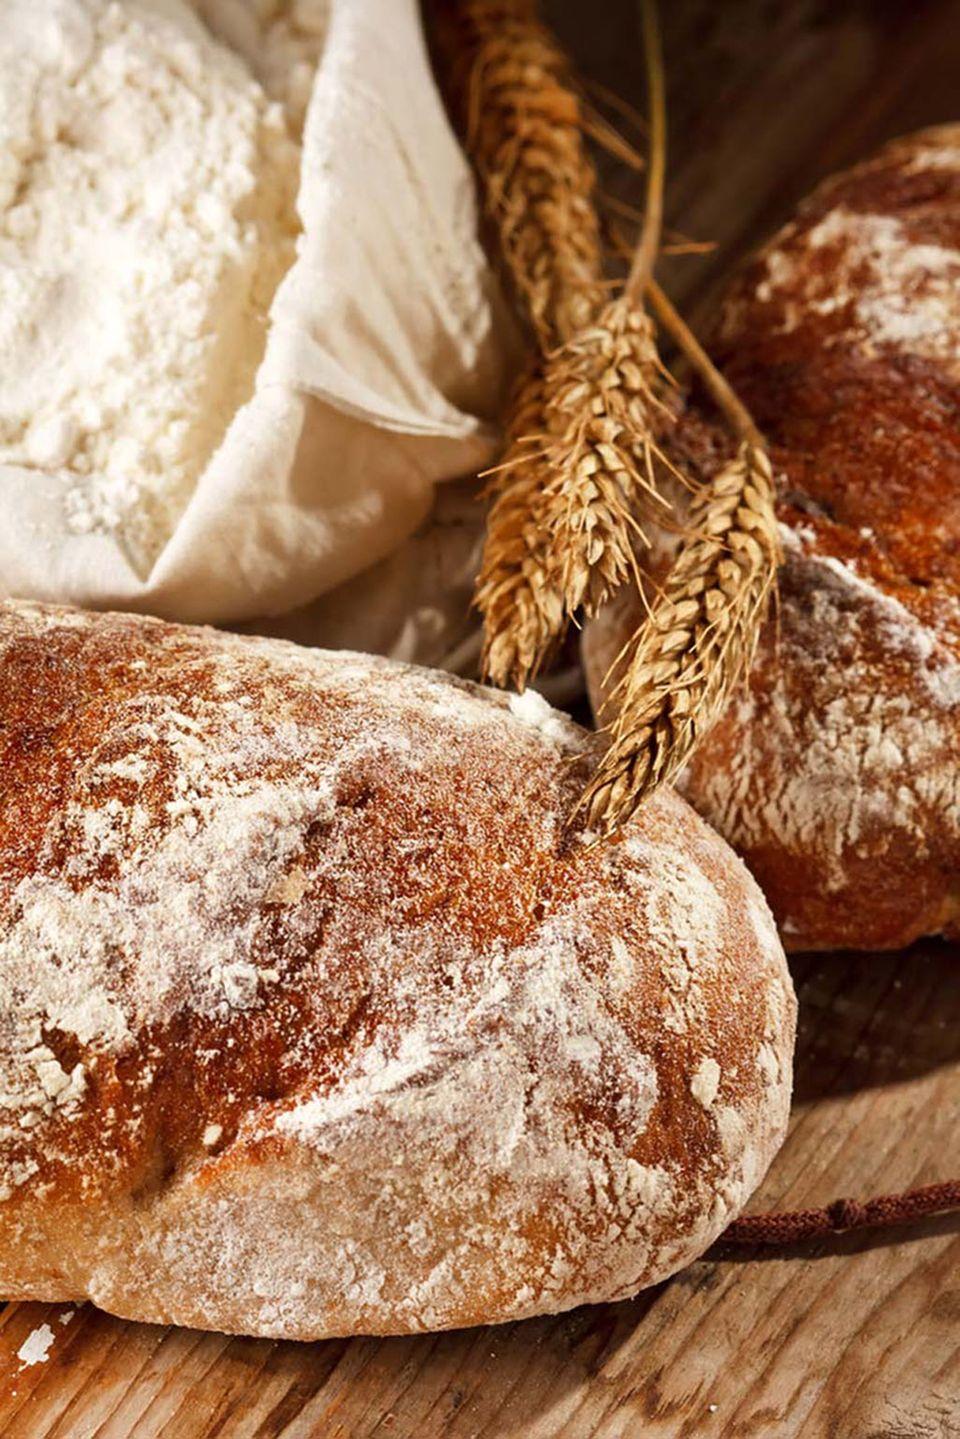 Frisches duftendes selbstgebackenes Brot schmeckt einfach köstlich